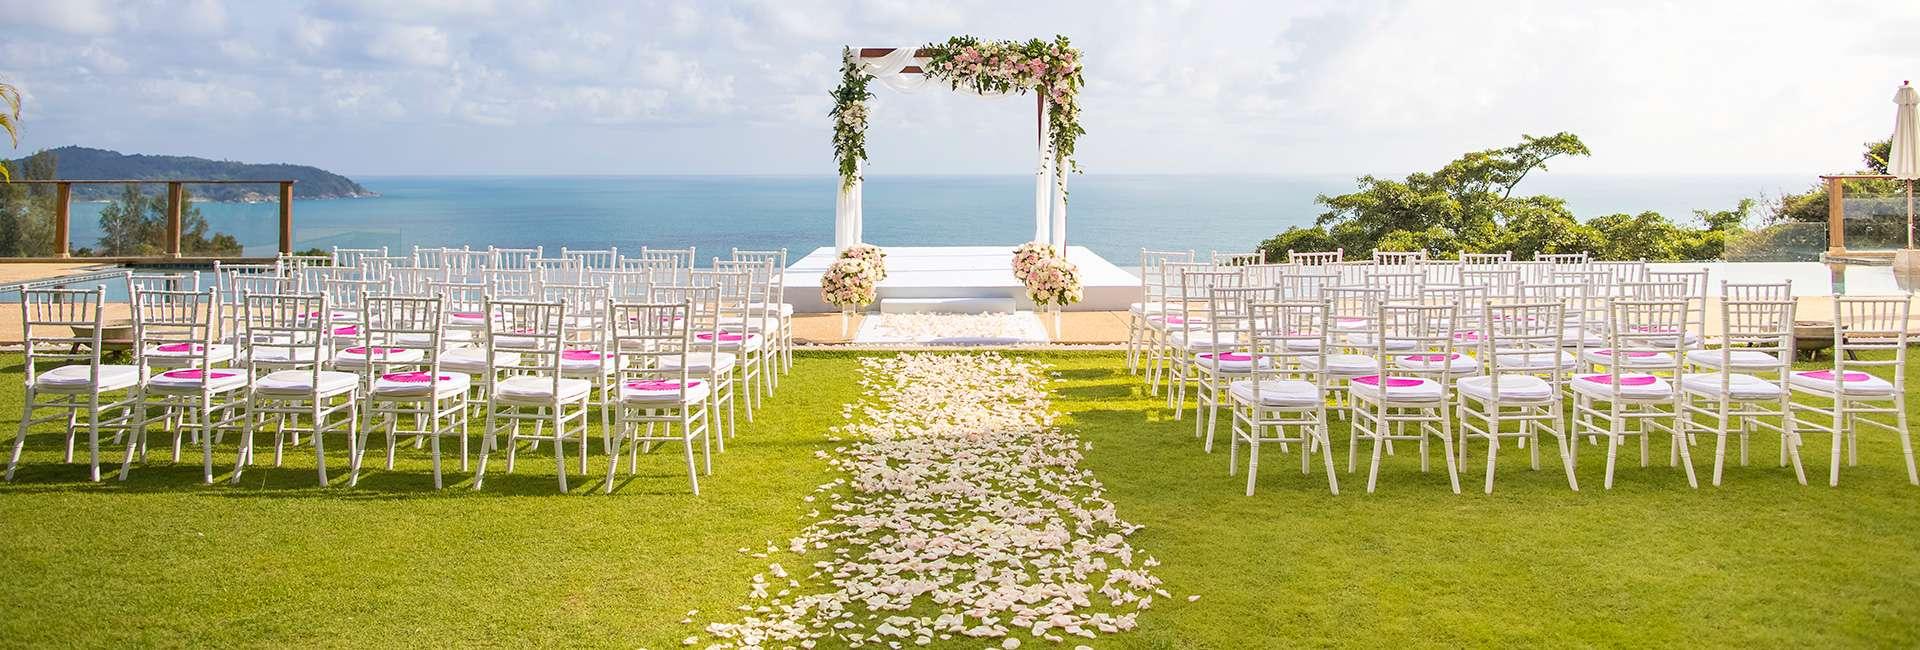 Optimizada villa la estancia riviera nayarit weddings 000